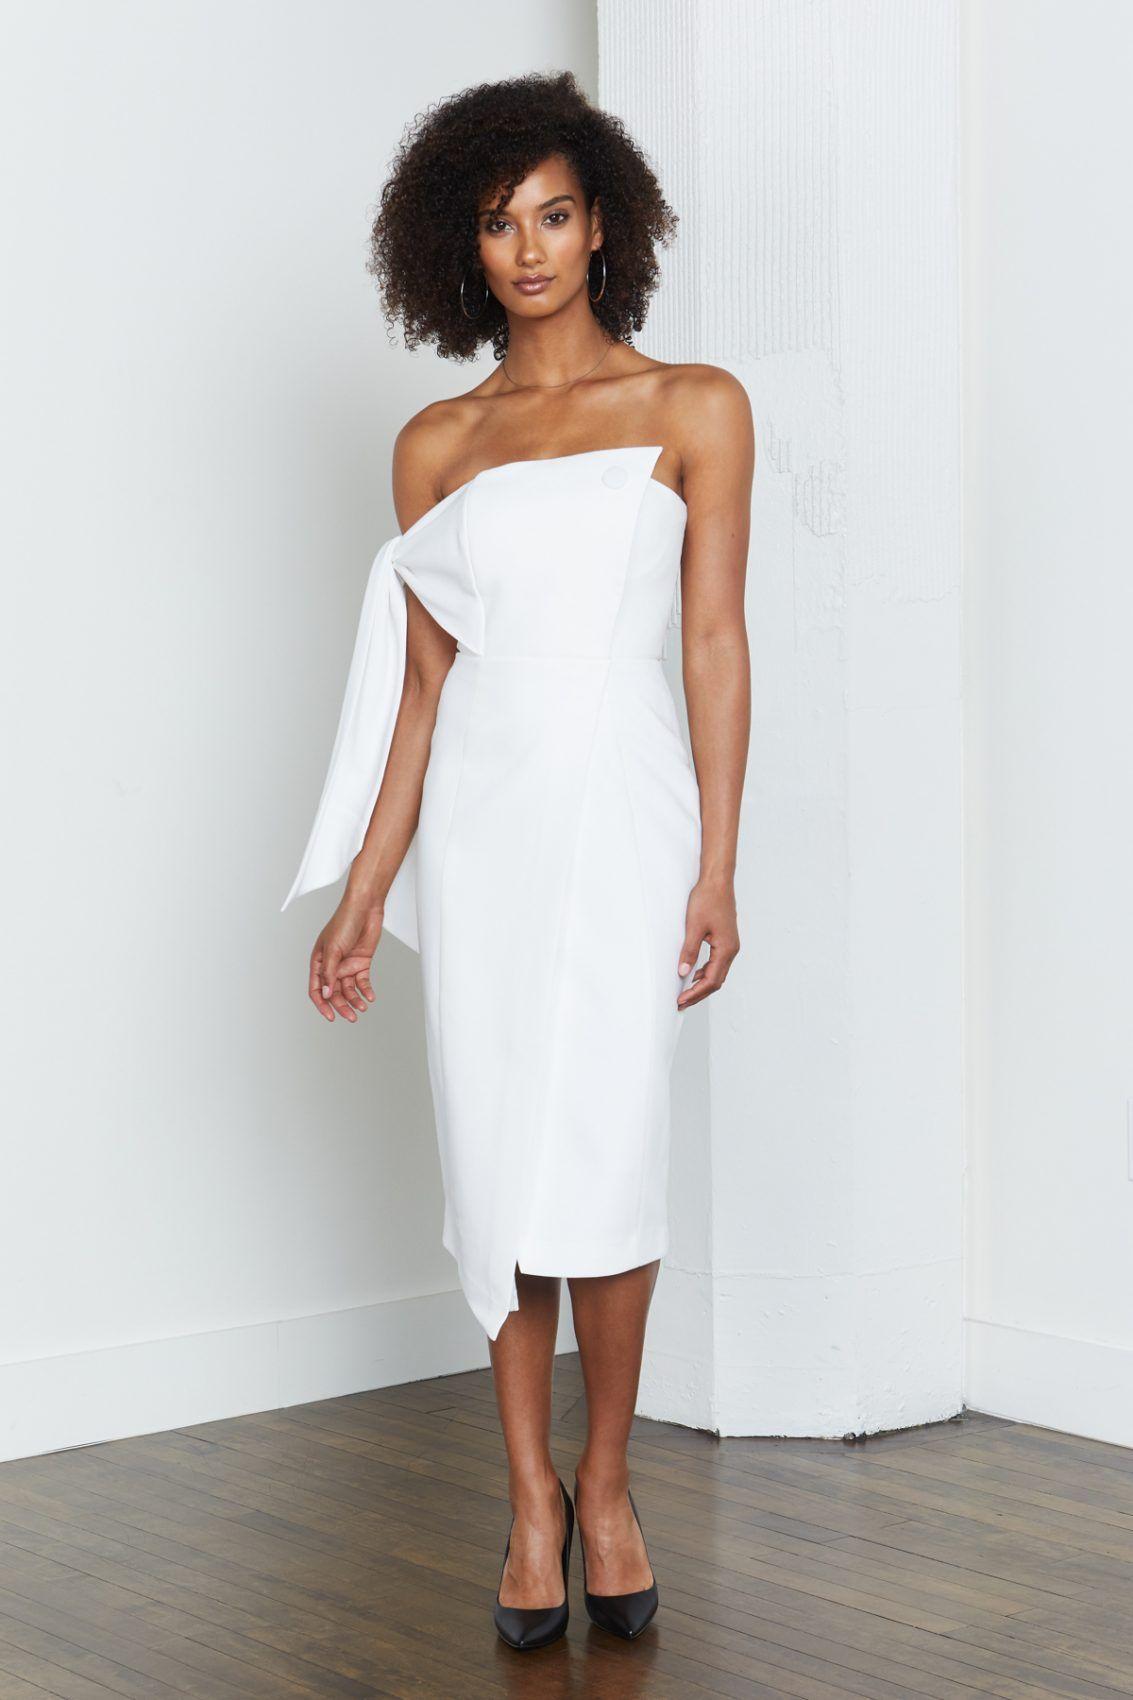 Romi Structured Midi Dress The Lab 25 Chemistry Of Fashion Dresses Midi Dress Fashion [ 1700 x 1133 Pixel ]